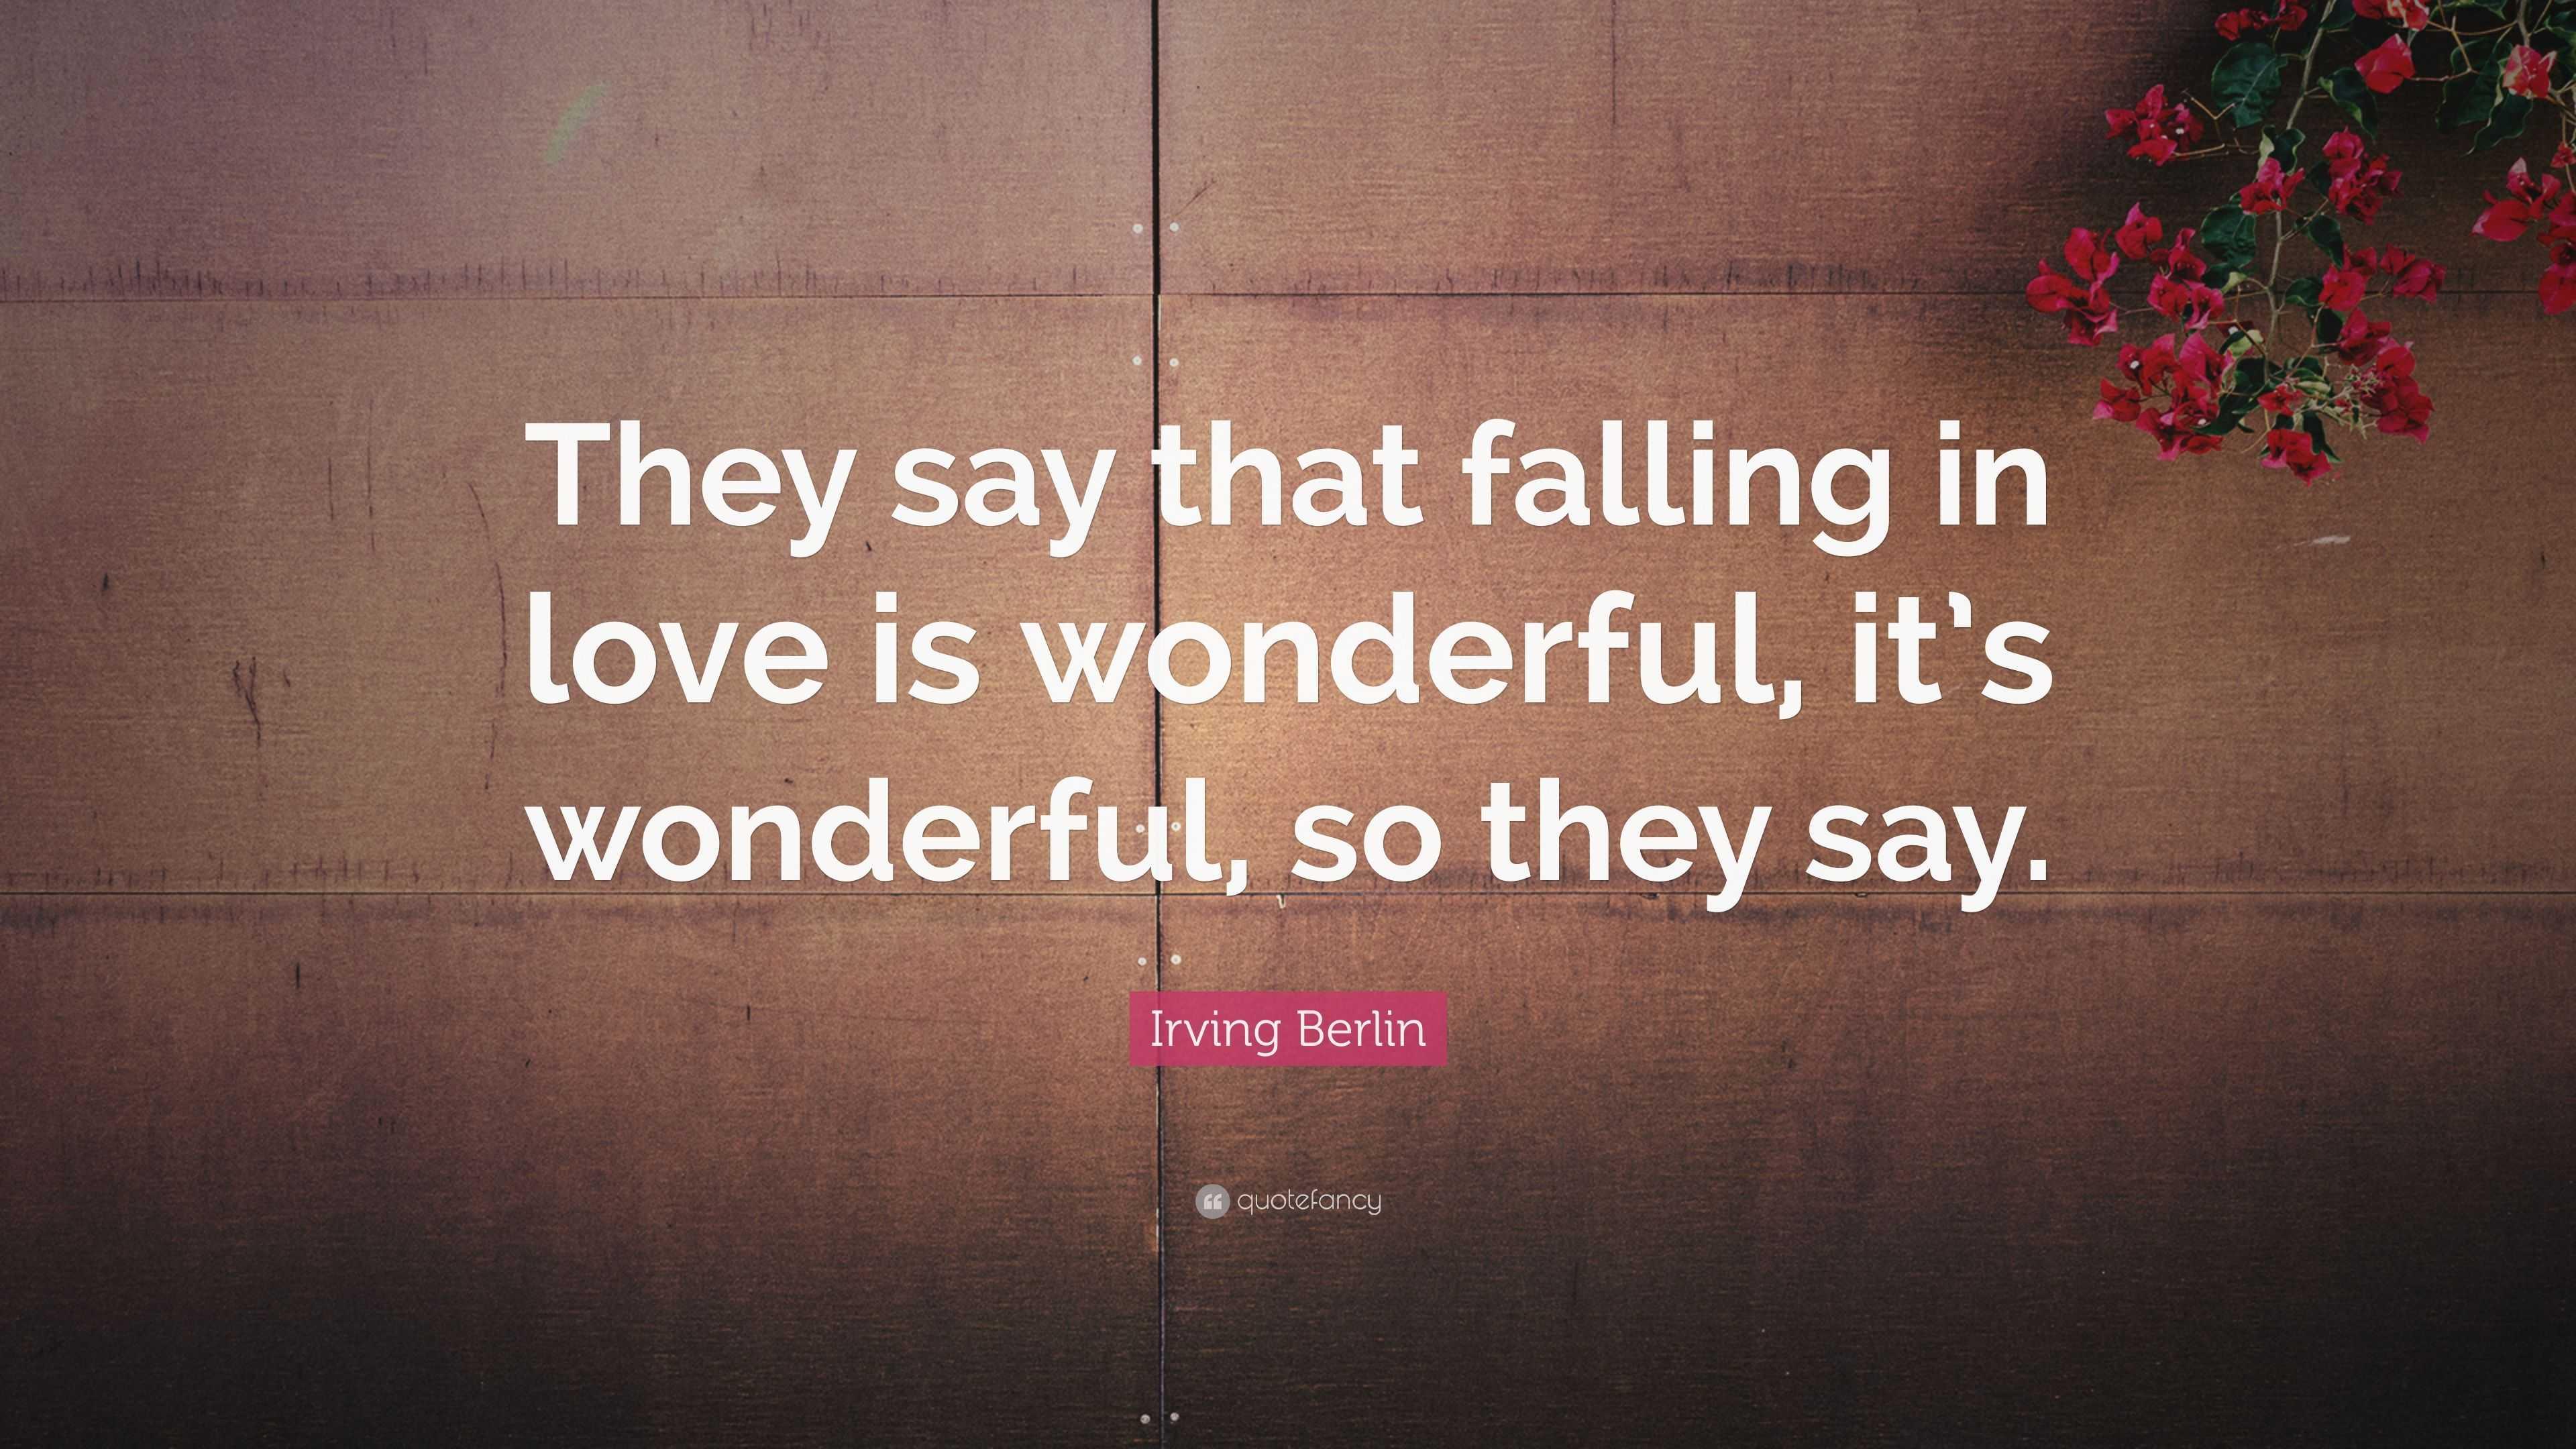 Falling in love is wonderful